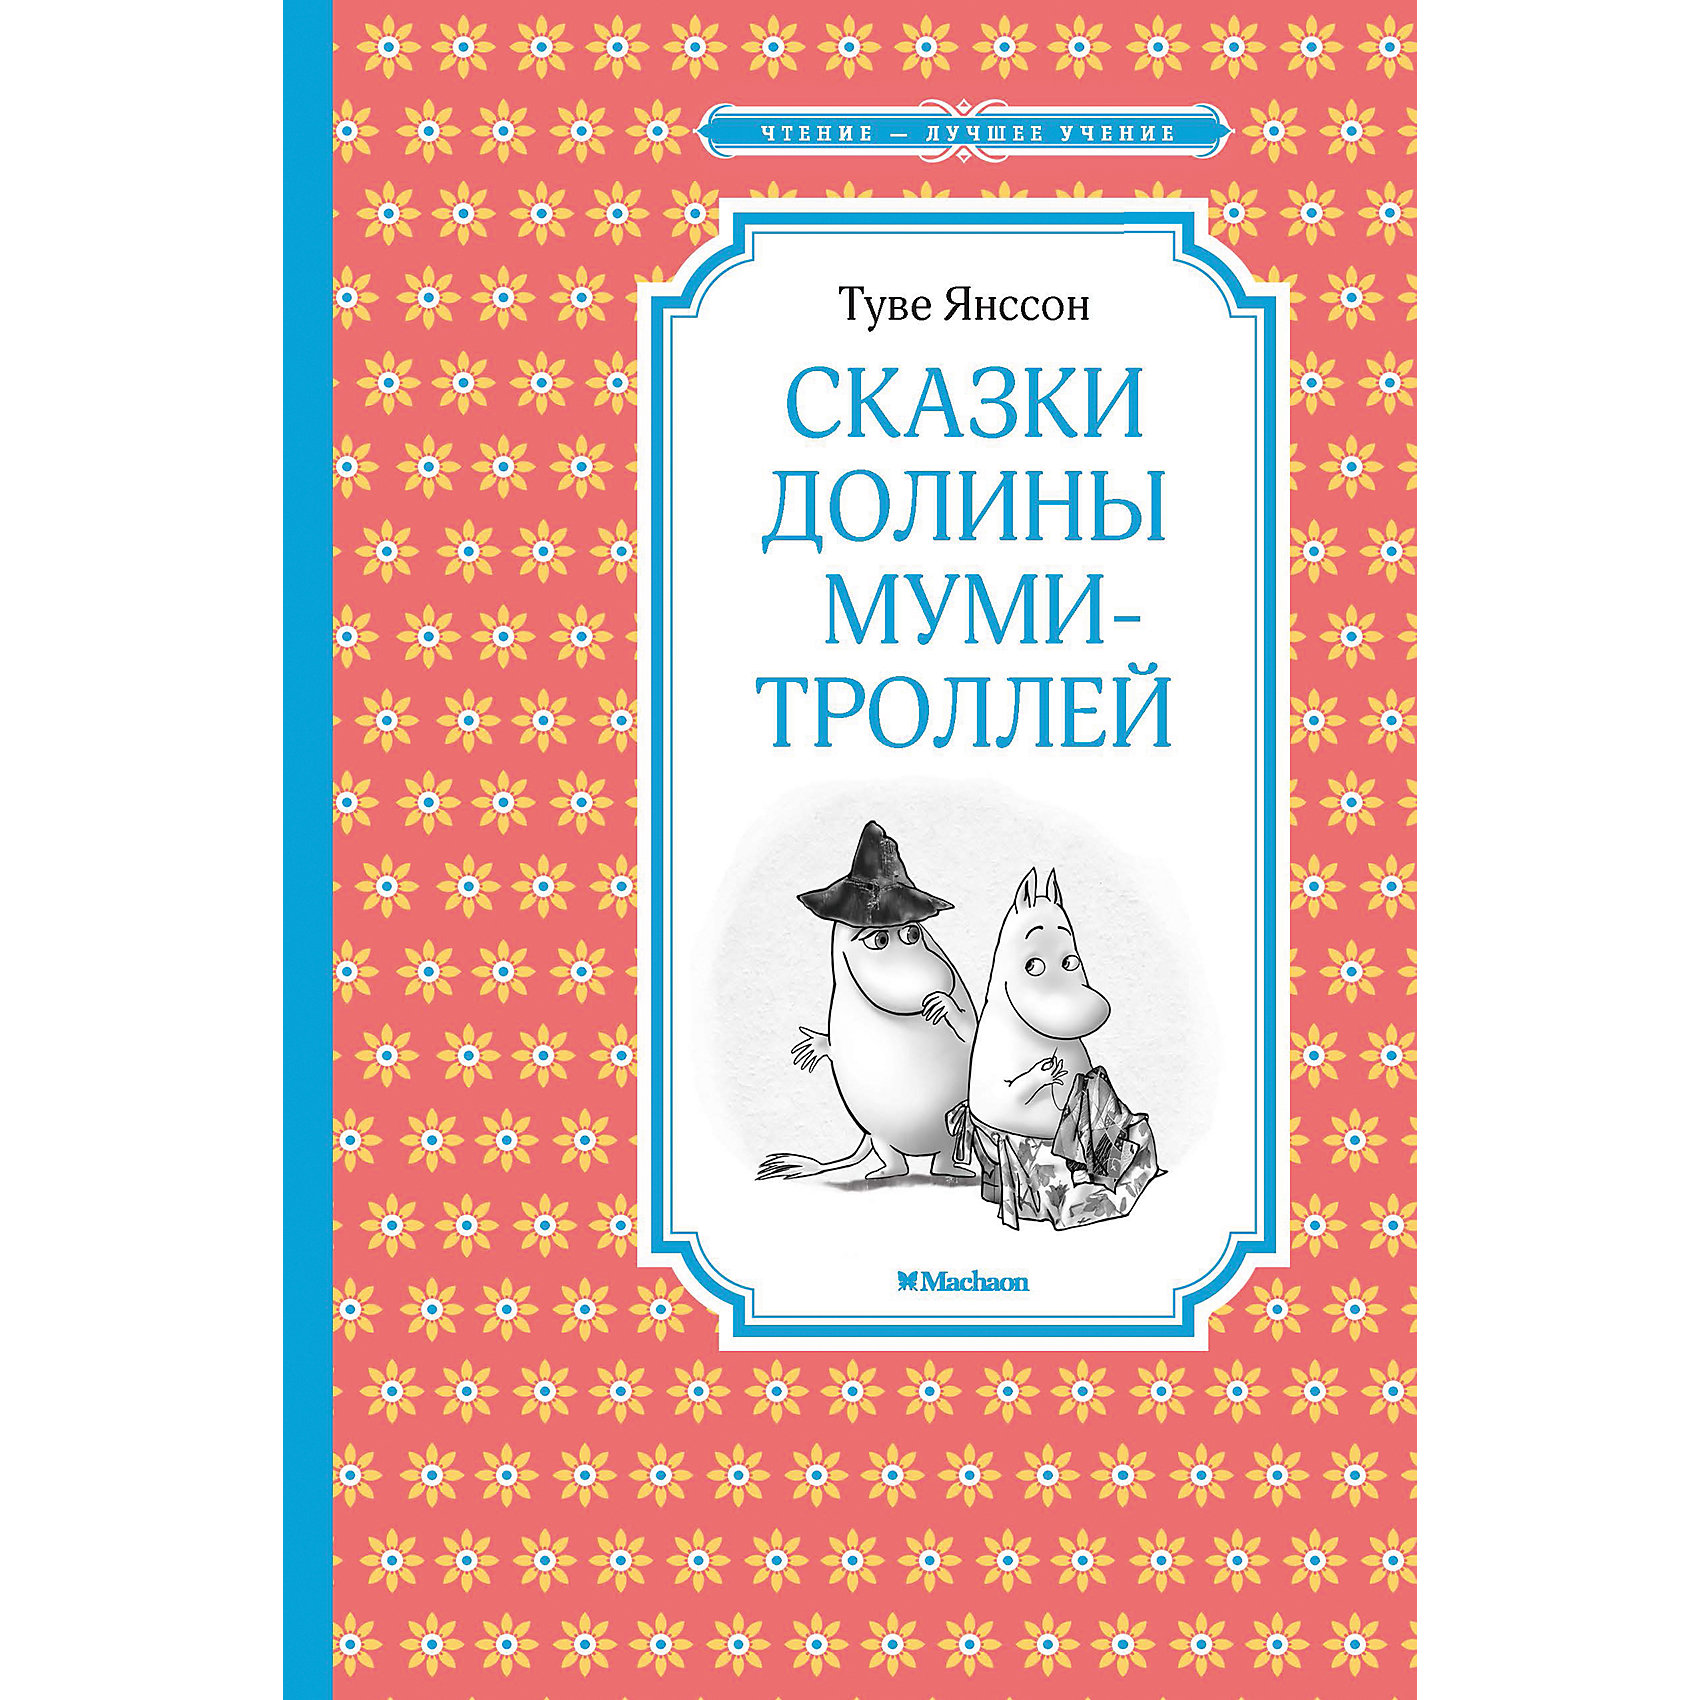 Сказки Долины муми-троллей, Т. ЯнссонЗарубежные сказки<br>Финскую сказочницу Туве Янссон любят дети всей планеты. Кто не знает её забавных и милых обитателей гостеприимной долины, где царит беззаботное веселье, радость, любовь и домашний уют?! «Выдуманный мир моих муми-троллей, – писала Туве Янссон, – это мир, по которому наверняка в глубине души тоскует каждый из нас». <br>Не отказывайте себе в удовольствии - загляните в гостеприимную Долину муми-троллей!<br><br>Содержание:<br>Е. Зубарева. Если Рождество рассердится...<br>Весенняя песня<br>Ужасная история<br>Фильфьонка в ожидании катастрофы<br>История о последнем драконе на свете<br>Хемуль, который любил тишину<br>Дитя-невидимка<br>Тайна хатифнаттов<br>Седрик<br>Елка<br><br>Дополнительная информация:<br><br>Автор: Туве Янссон;<br>Формат: 21х14см;<br>Переплет: твердый переплет;<br>Страниц: 192;<br>Вес: 298 г.;<br>Производитель: Махаон, Россия.<br>Год выпуска: 2015;<br><br>Произведения Туве Янссон Сказки Долины муми-троллей можно купить в нашем магазине.<br><br>Ширина мм: 210<br>Глубина мм: 140<br>Высота мм: 9<br>Вес г: 298<br>Возраст от месяцев: 84<br>Возраст до месяцев: 120<br>Пол: Унисекс<br>Возраст: Детский<br>SKU: 4725976